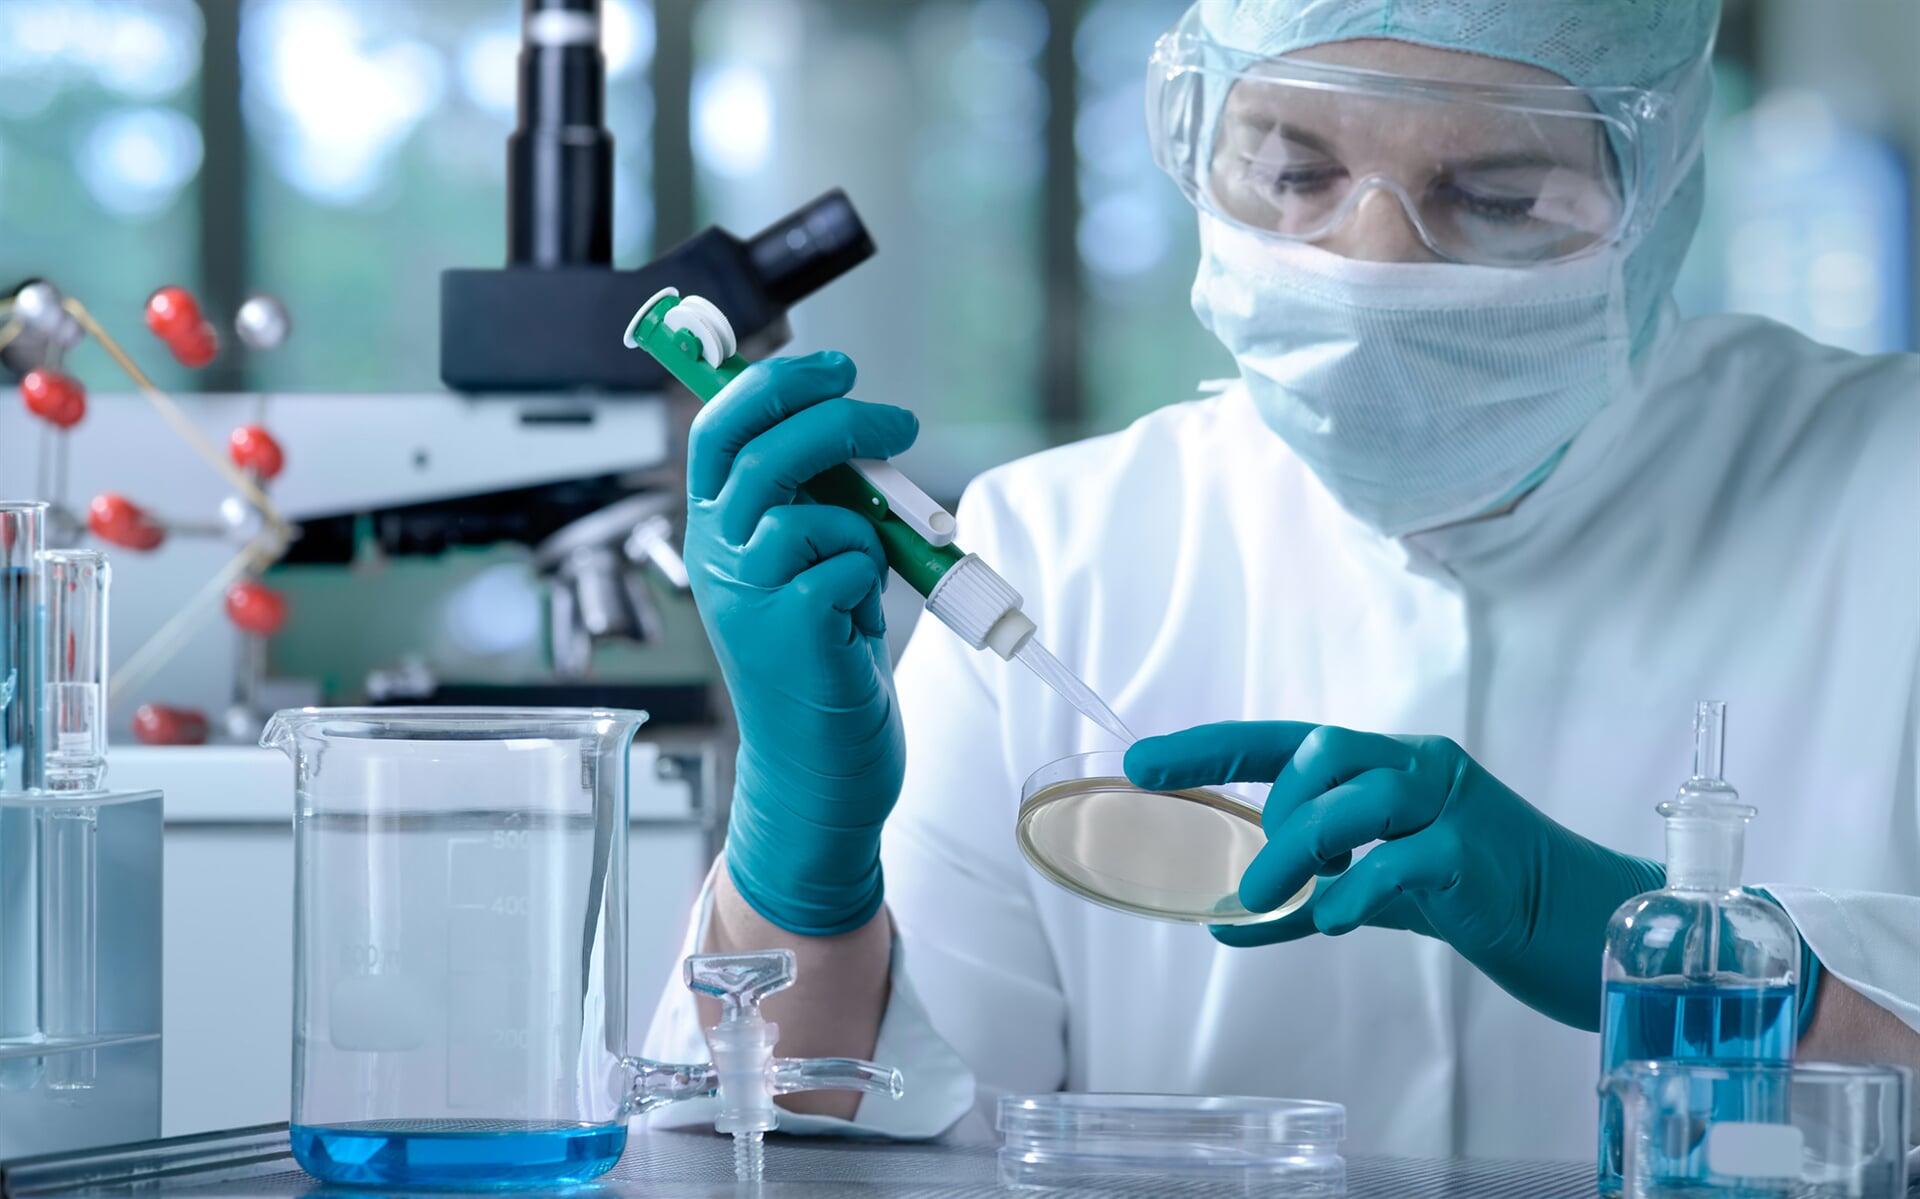 LABORATORIO CLÍNICO MILÁN-análisis clínicos y análisis de sangre